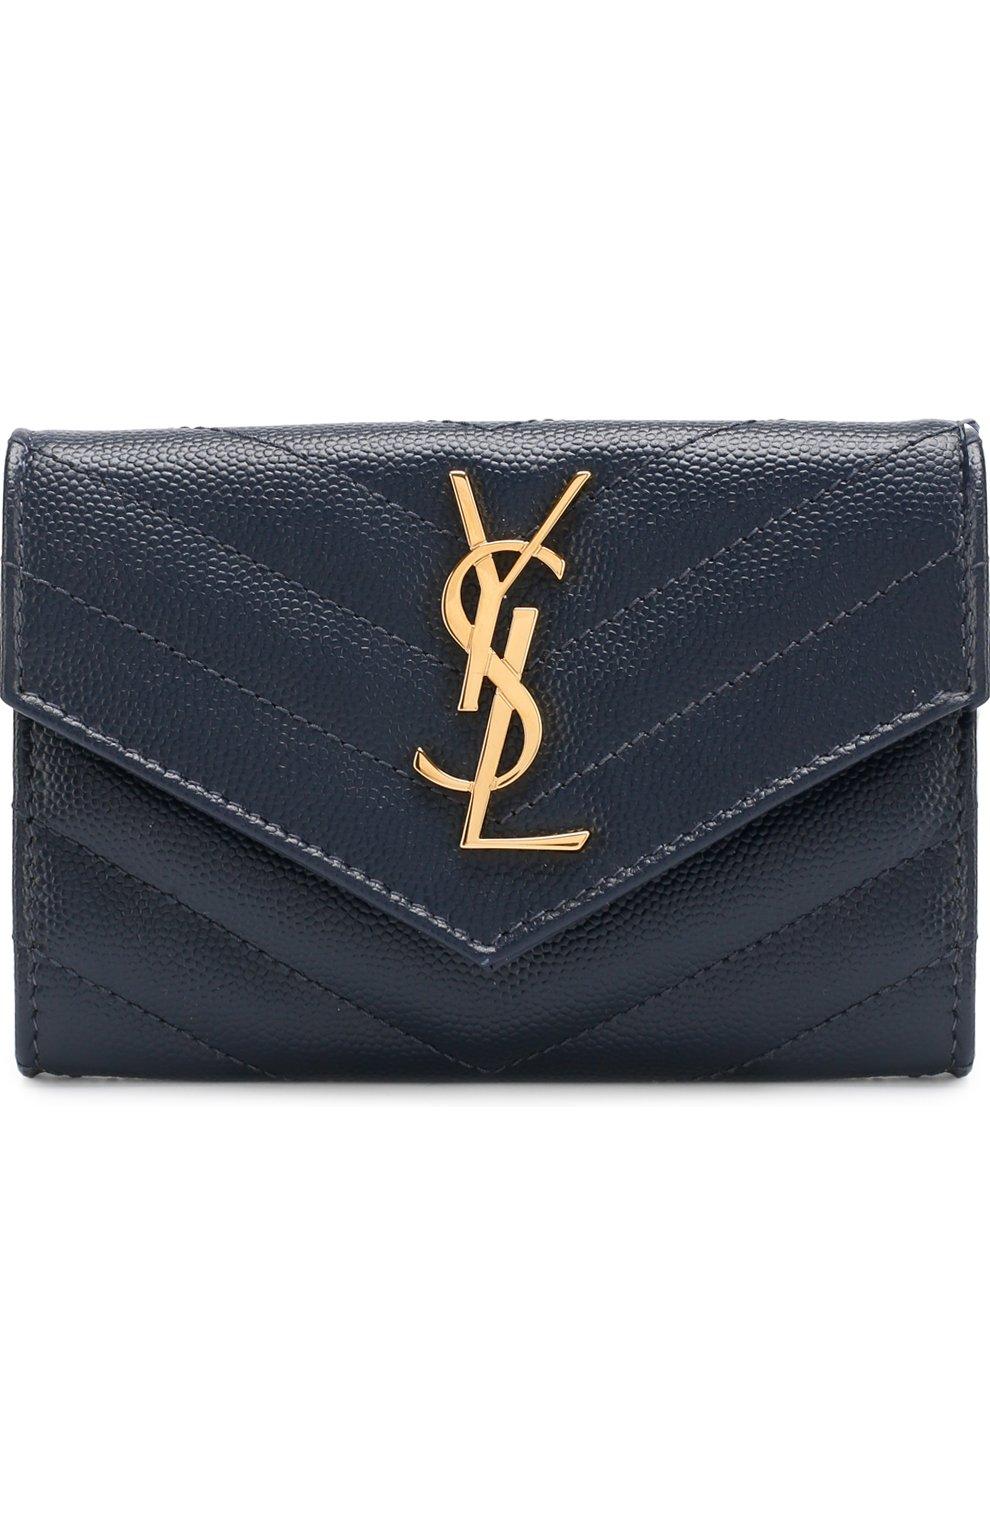 Кожаный кошелек Monogram | Фото №1